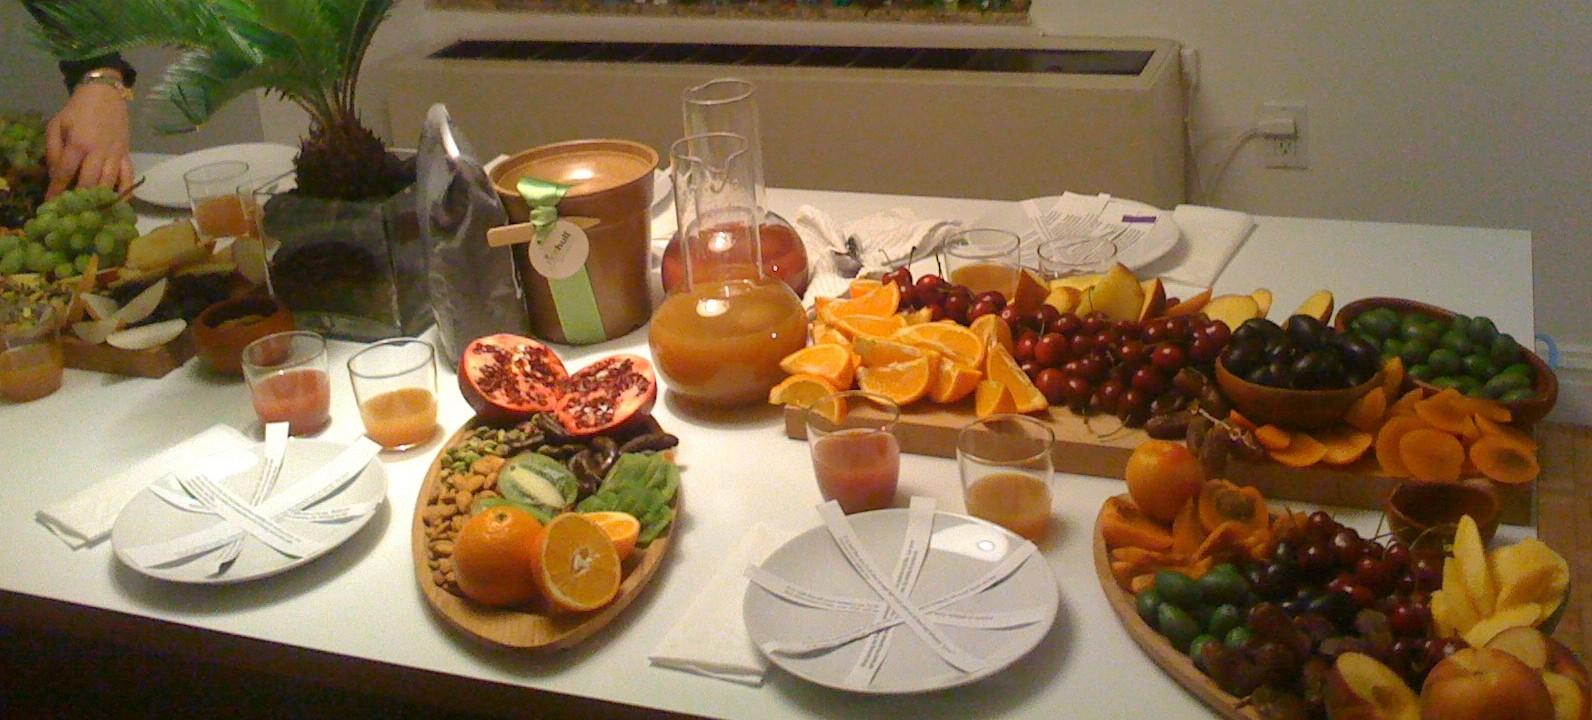 Image result for tu bshevat seder dinner table decorations images